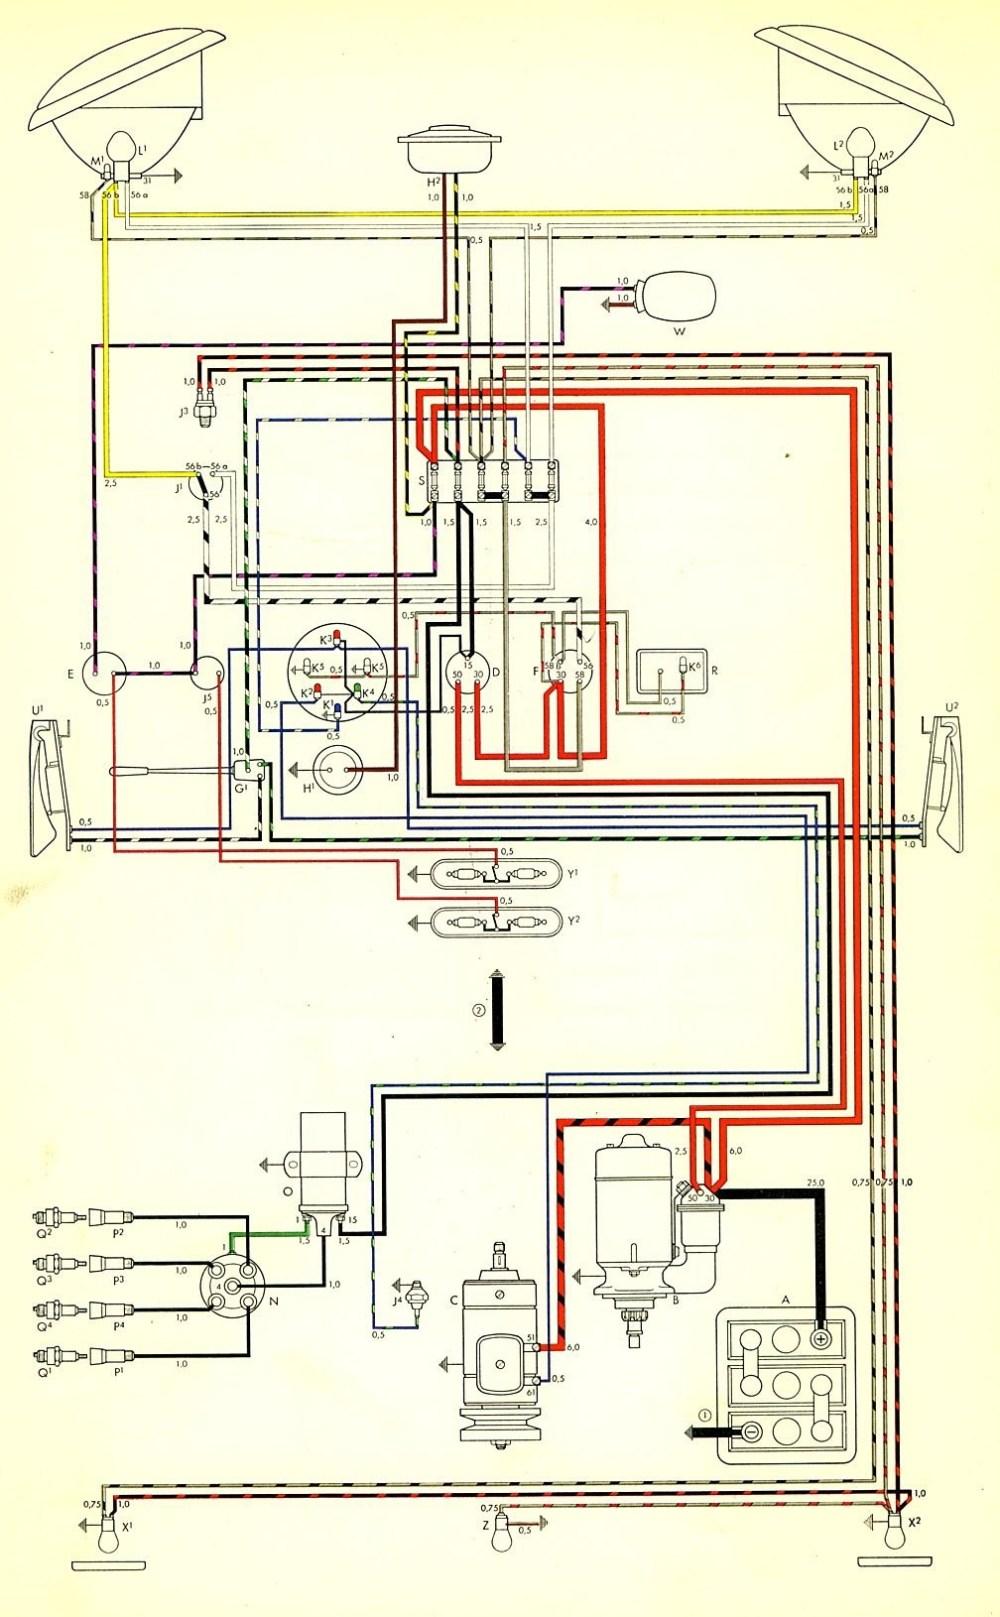 medium resolution of vw alternator wiring diagram best of wiring diagram image 74 vw alternator wiring